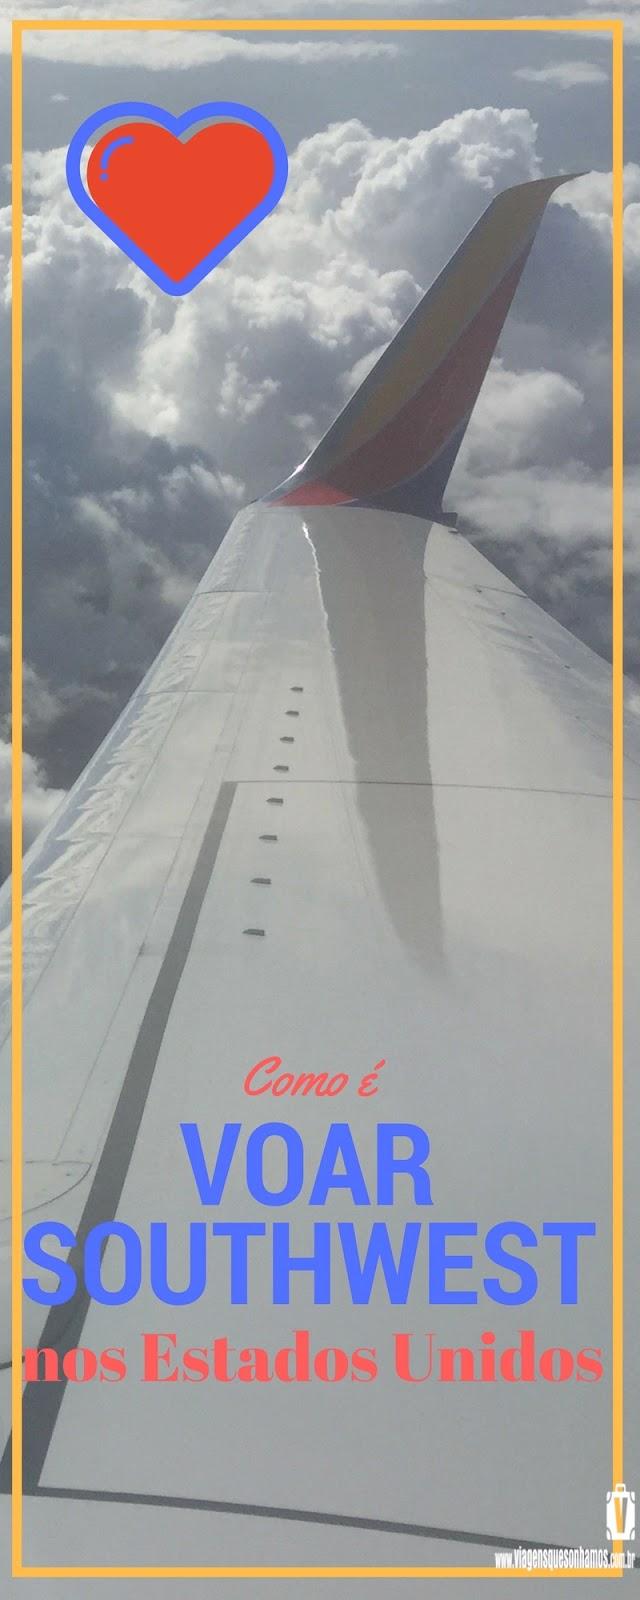 Companhia aérea Low Coast nos Estados Unidos